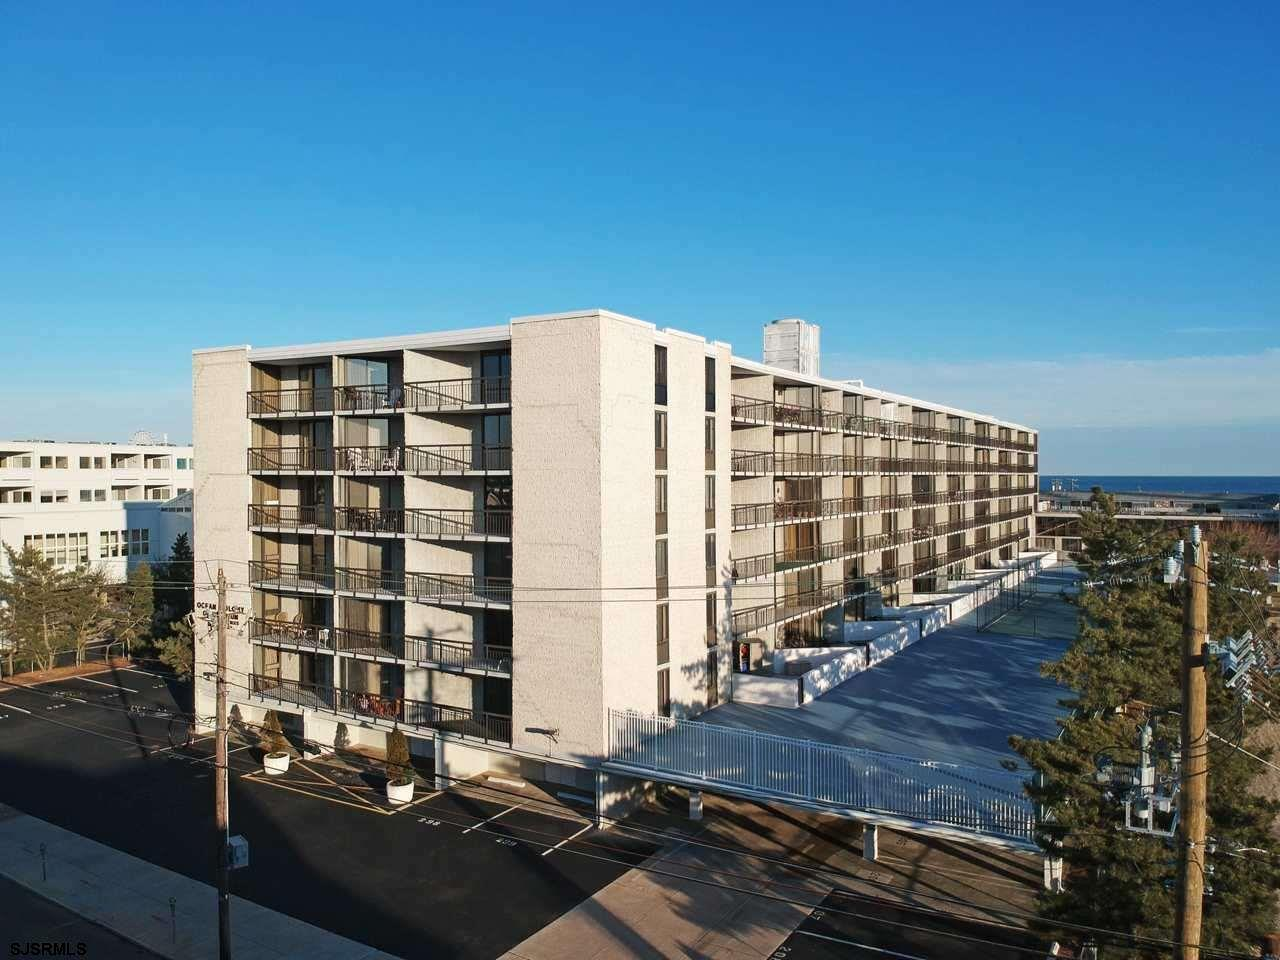 935 Ocean Ave, OCEAN CITY, New Jersey 08226, 3 Bedrooms Bedrooms, ,3 BathroomsBathrooms,Rental,For Rent,935 Ocean Ave,540783